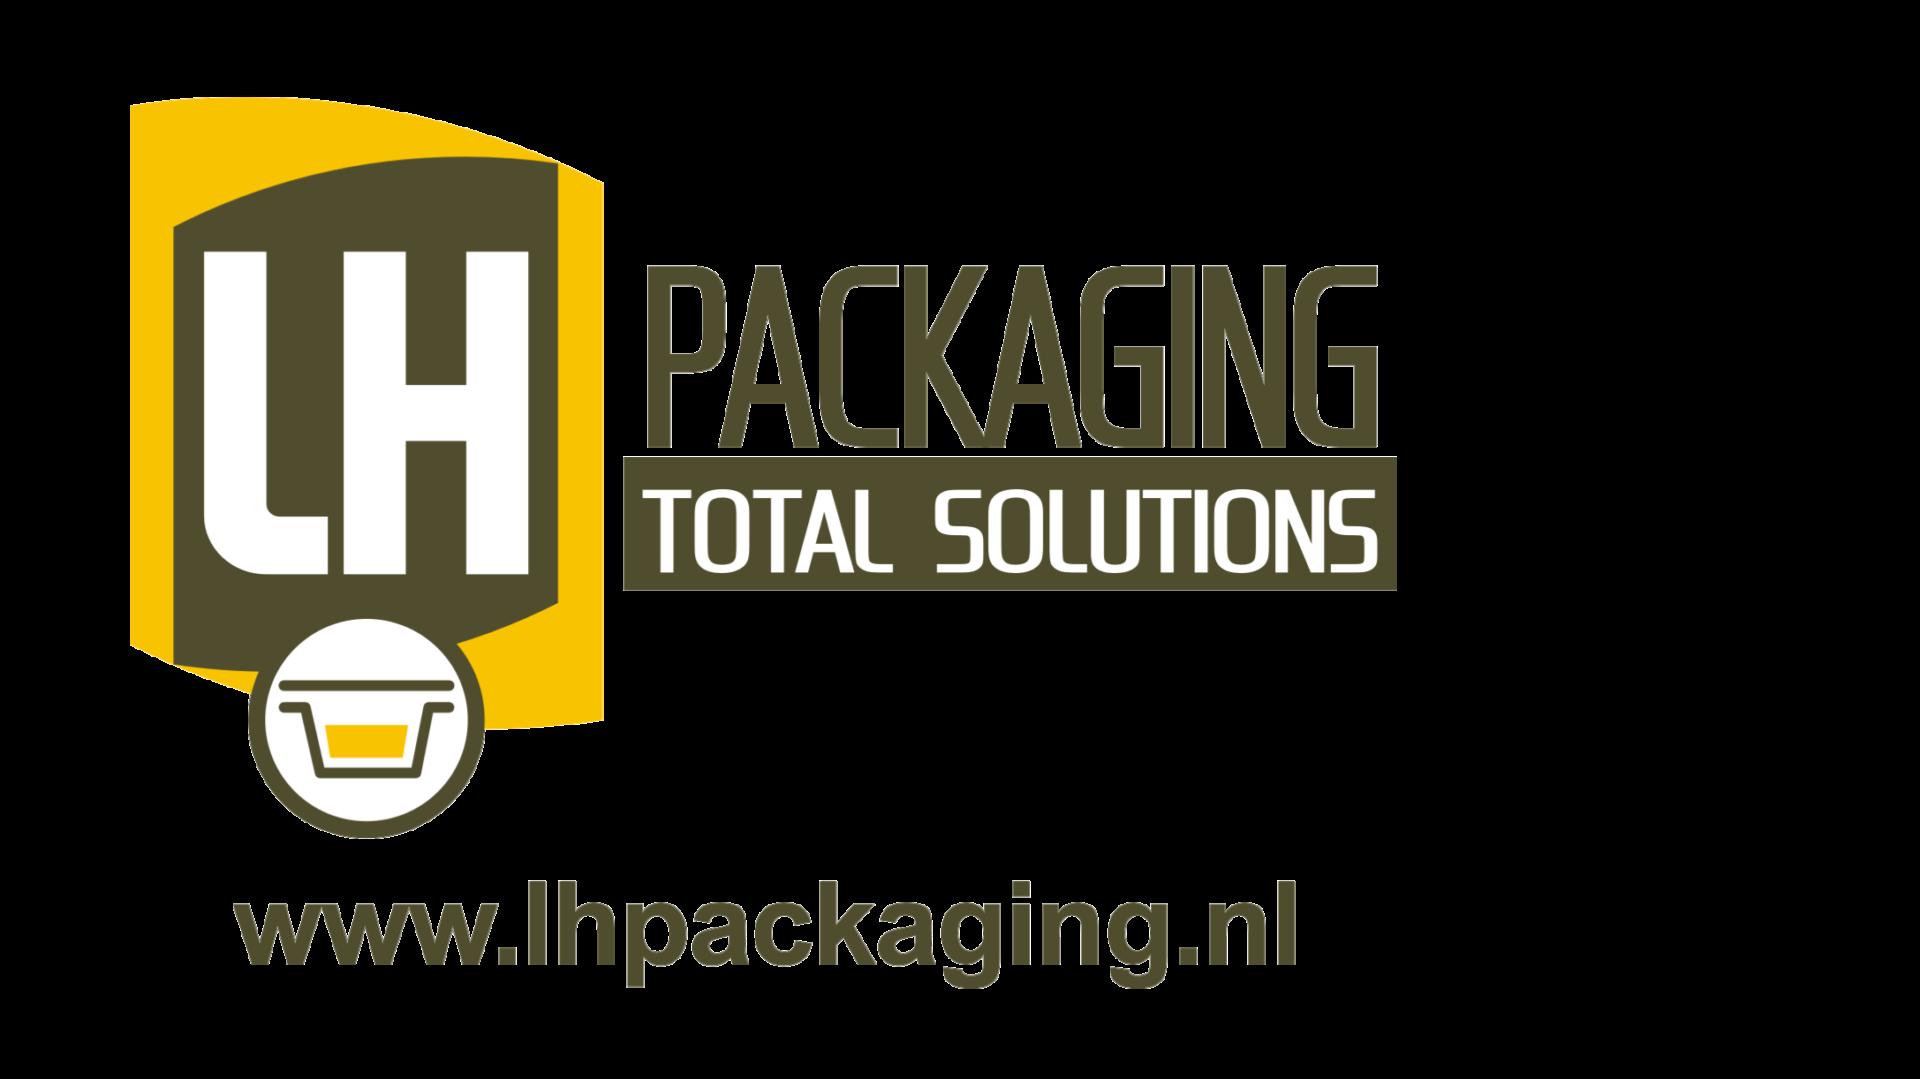 LH Packaging bv